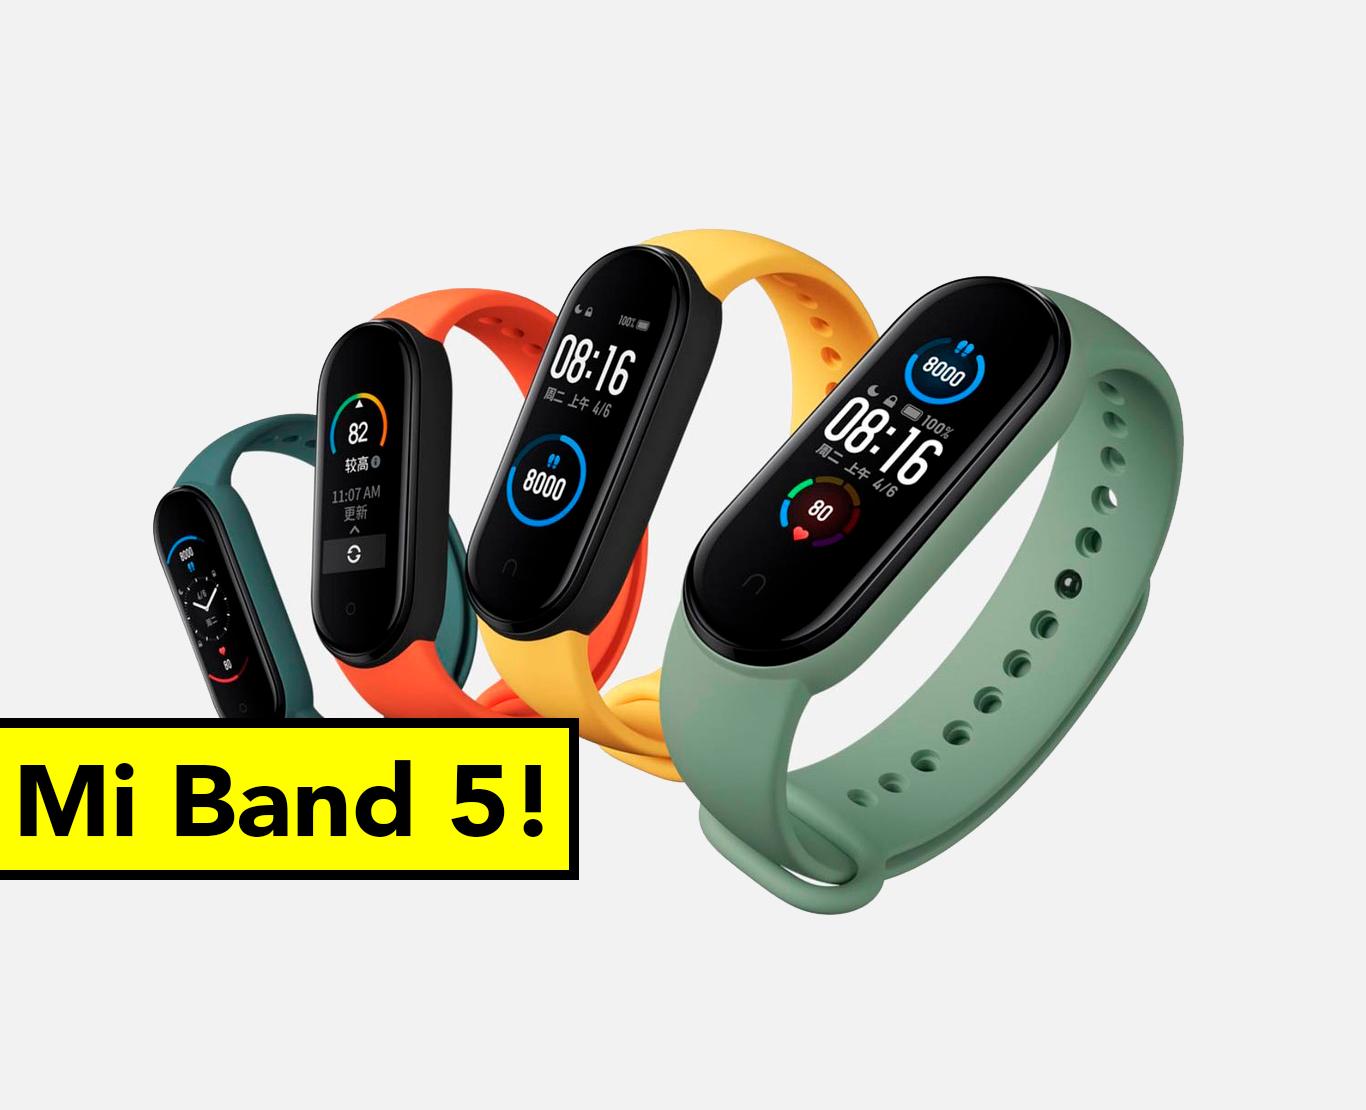 La Xiaomi Mi Band 5 podría no ser compatible con tu móvil